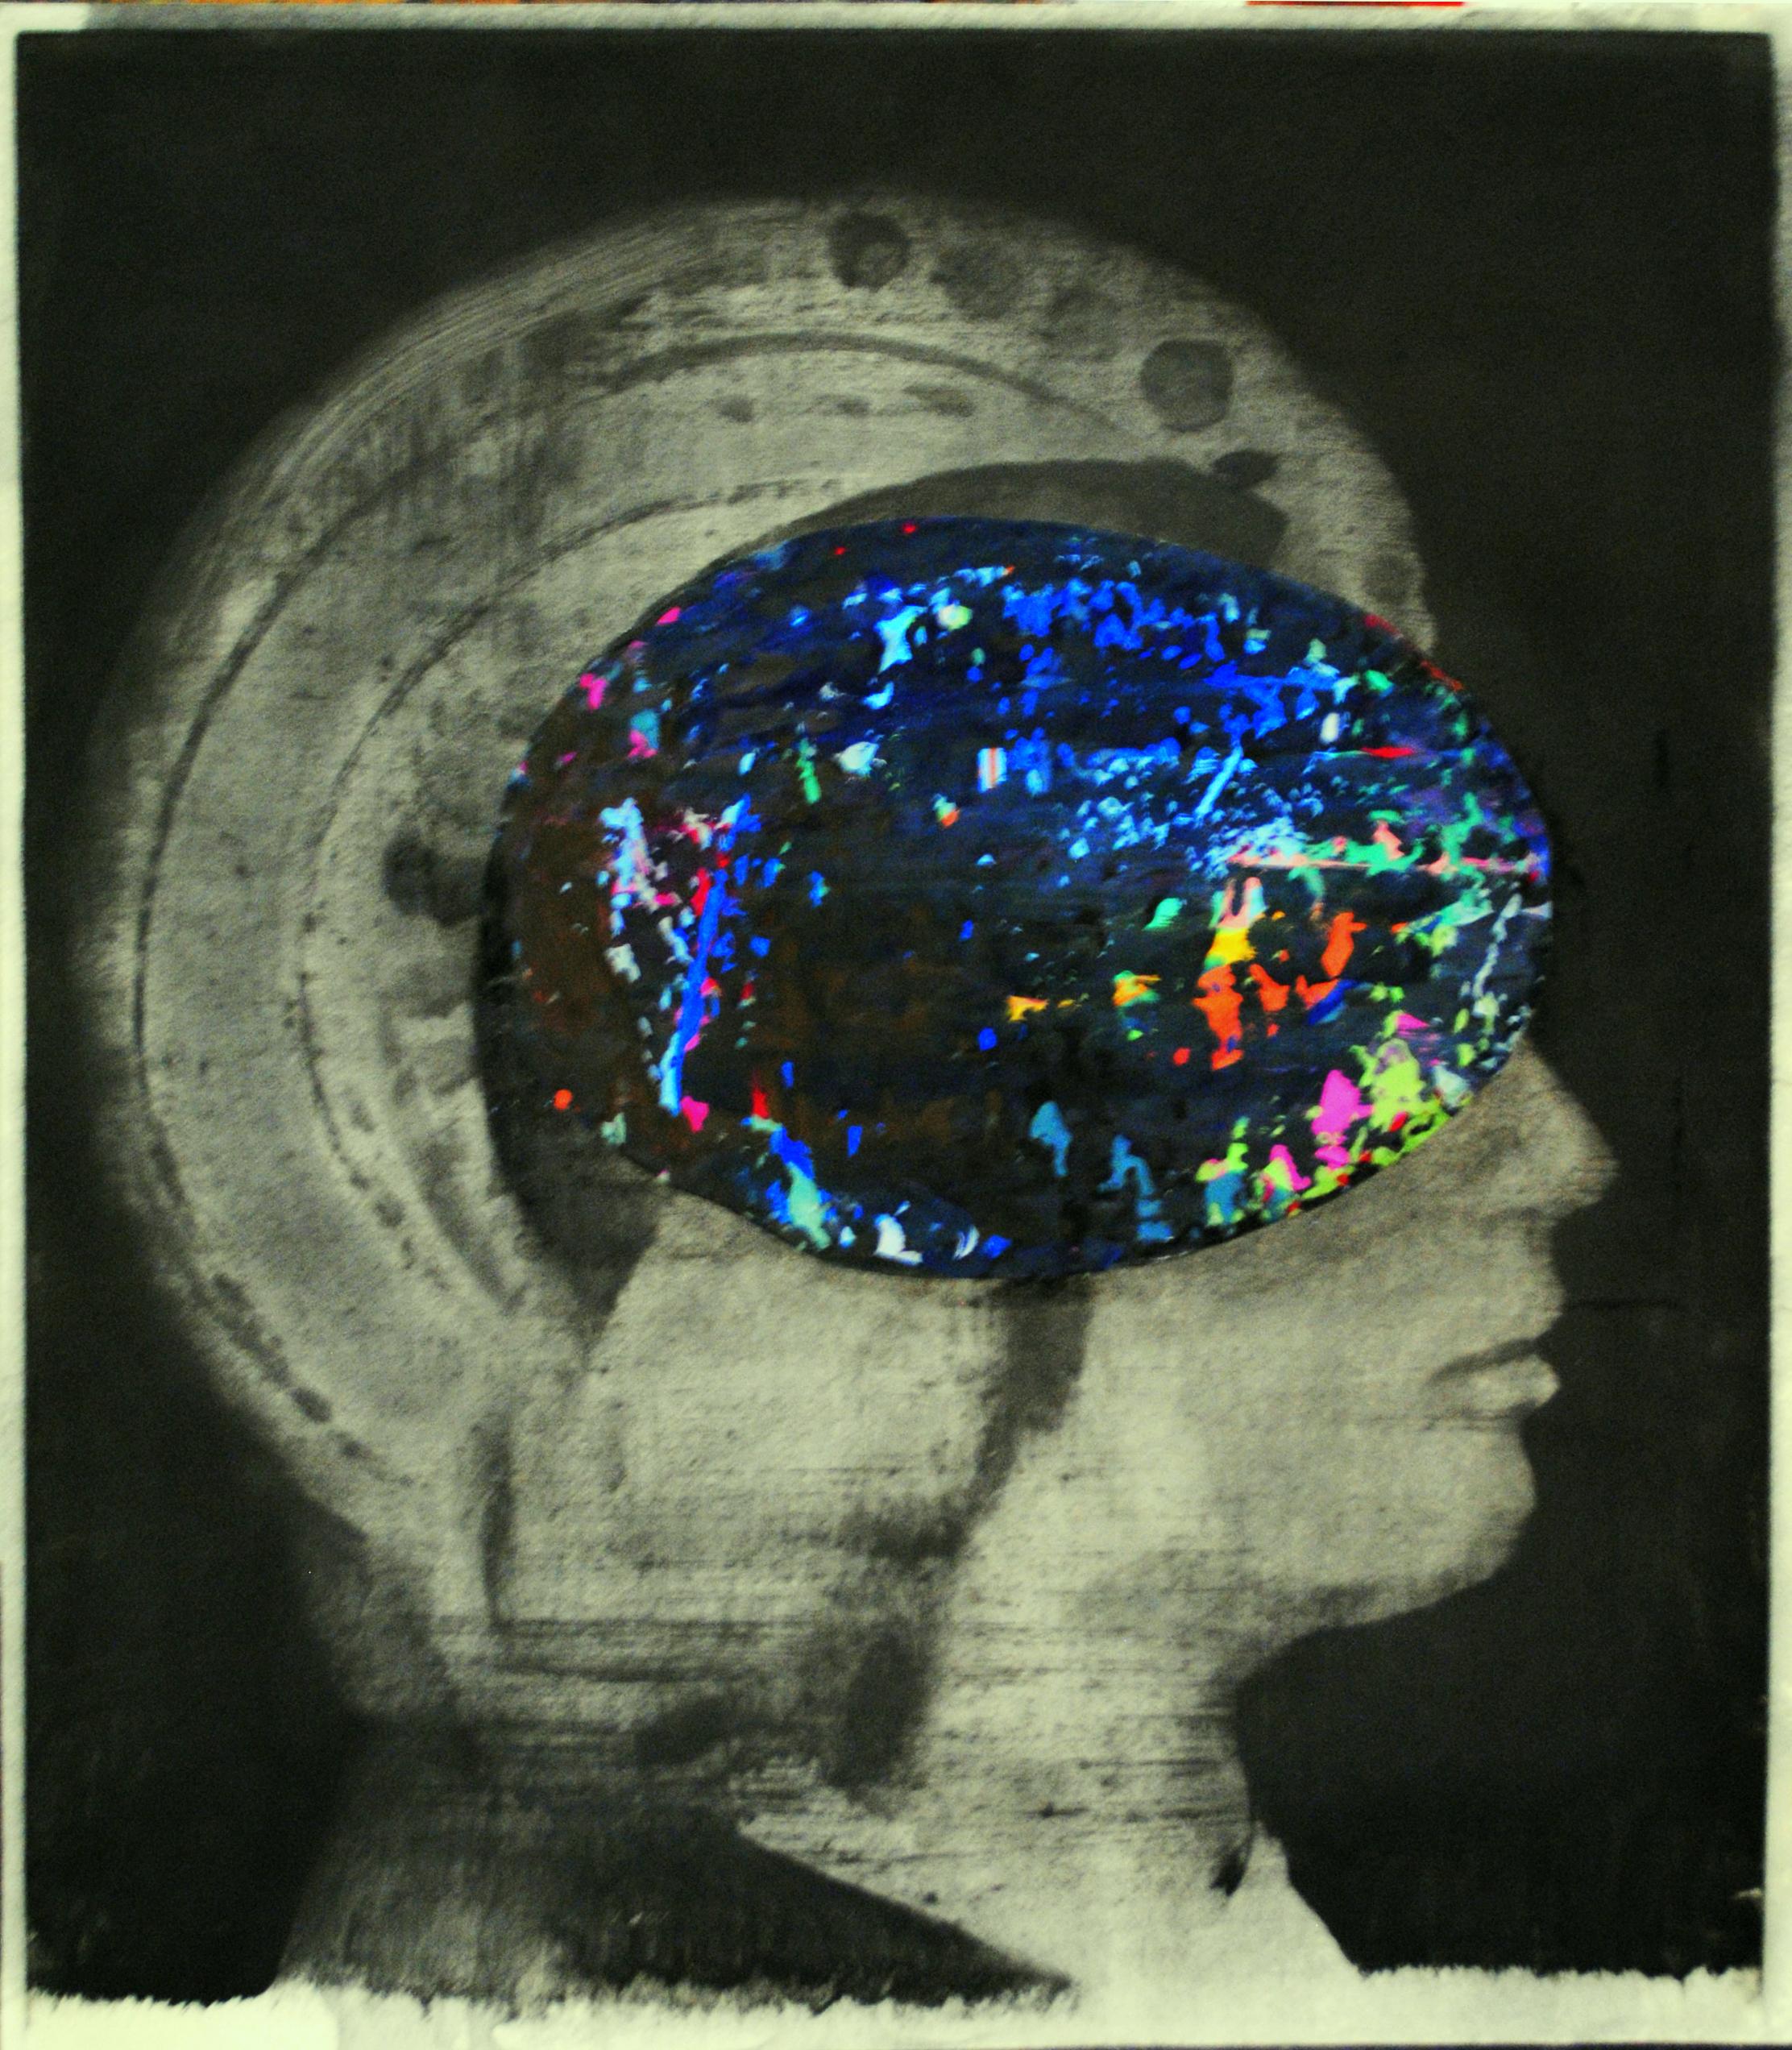 Da e per Antonello, tecnica mista su carta, 39x34.5 cm, 2011/13.